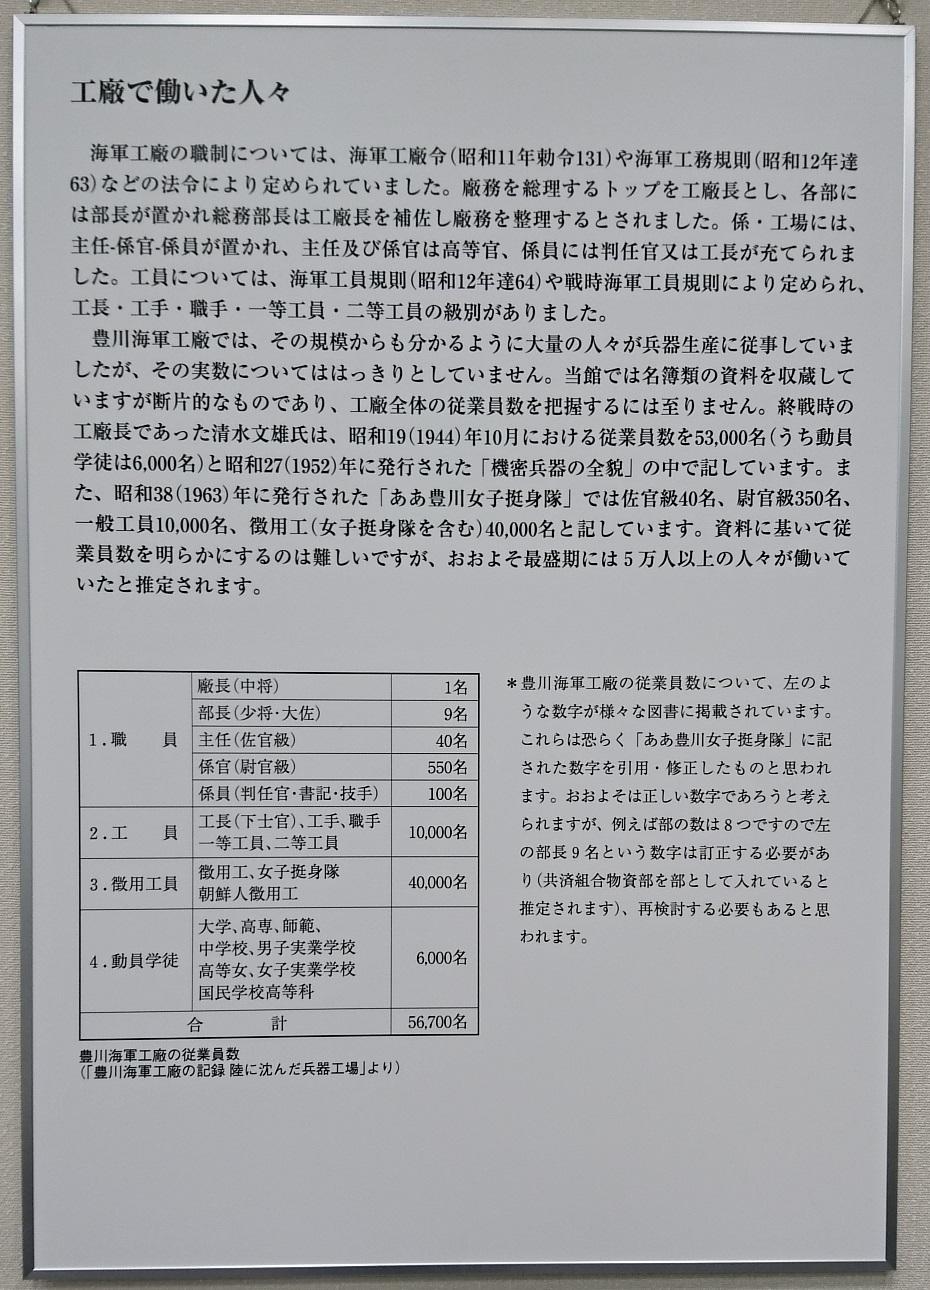 2017.8.30 豊川海軍工廠展 (12) 工廠ではたらいたひとびと 930-1290